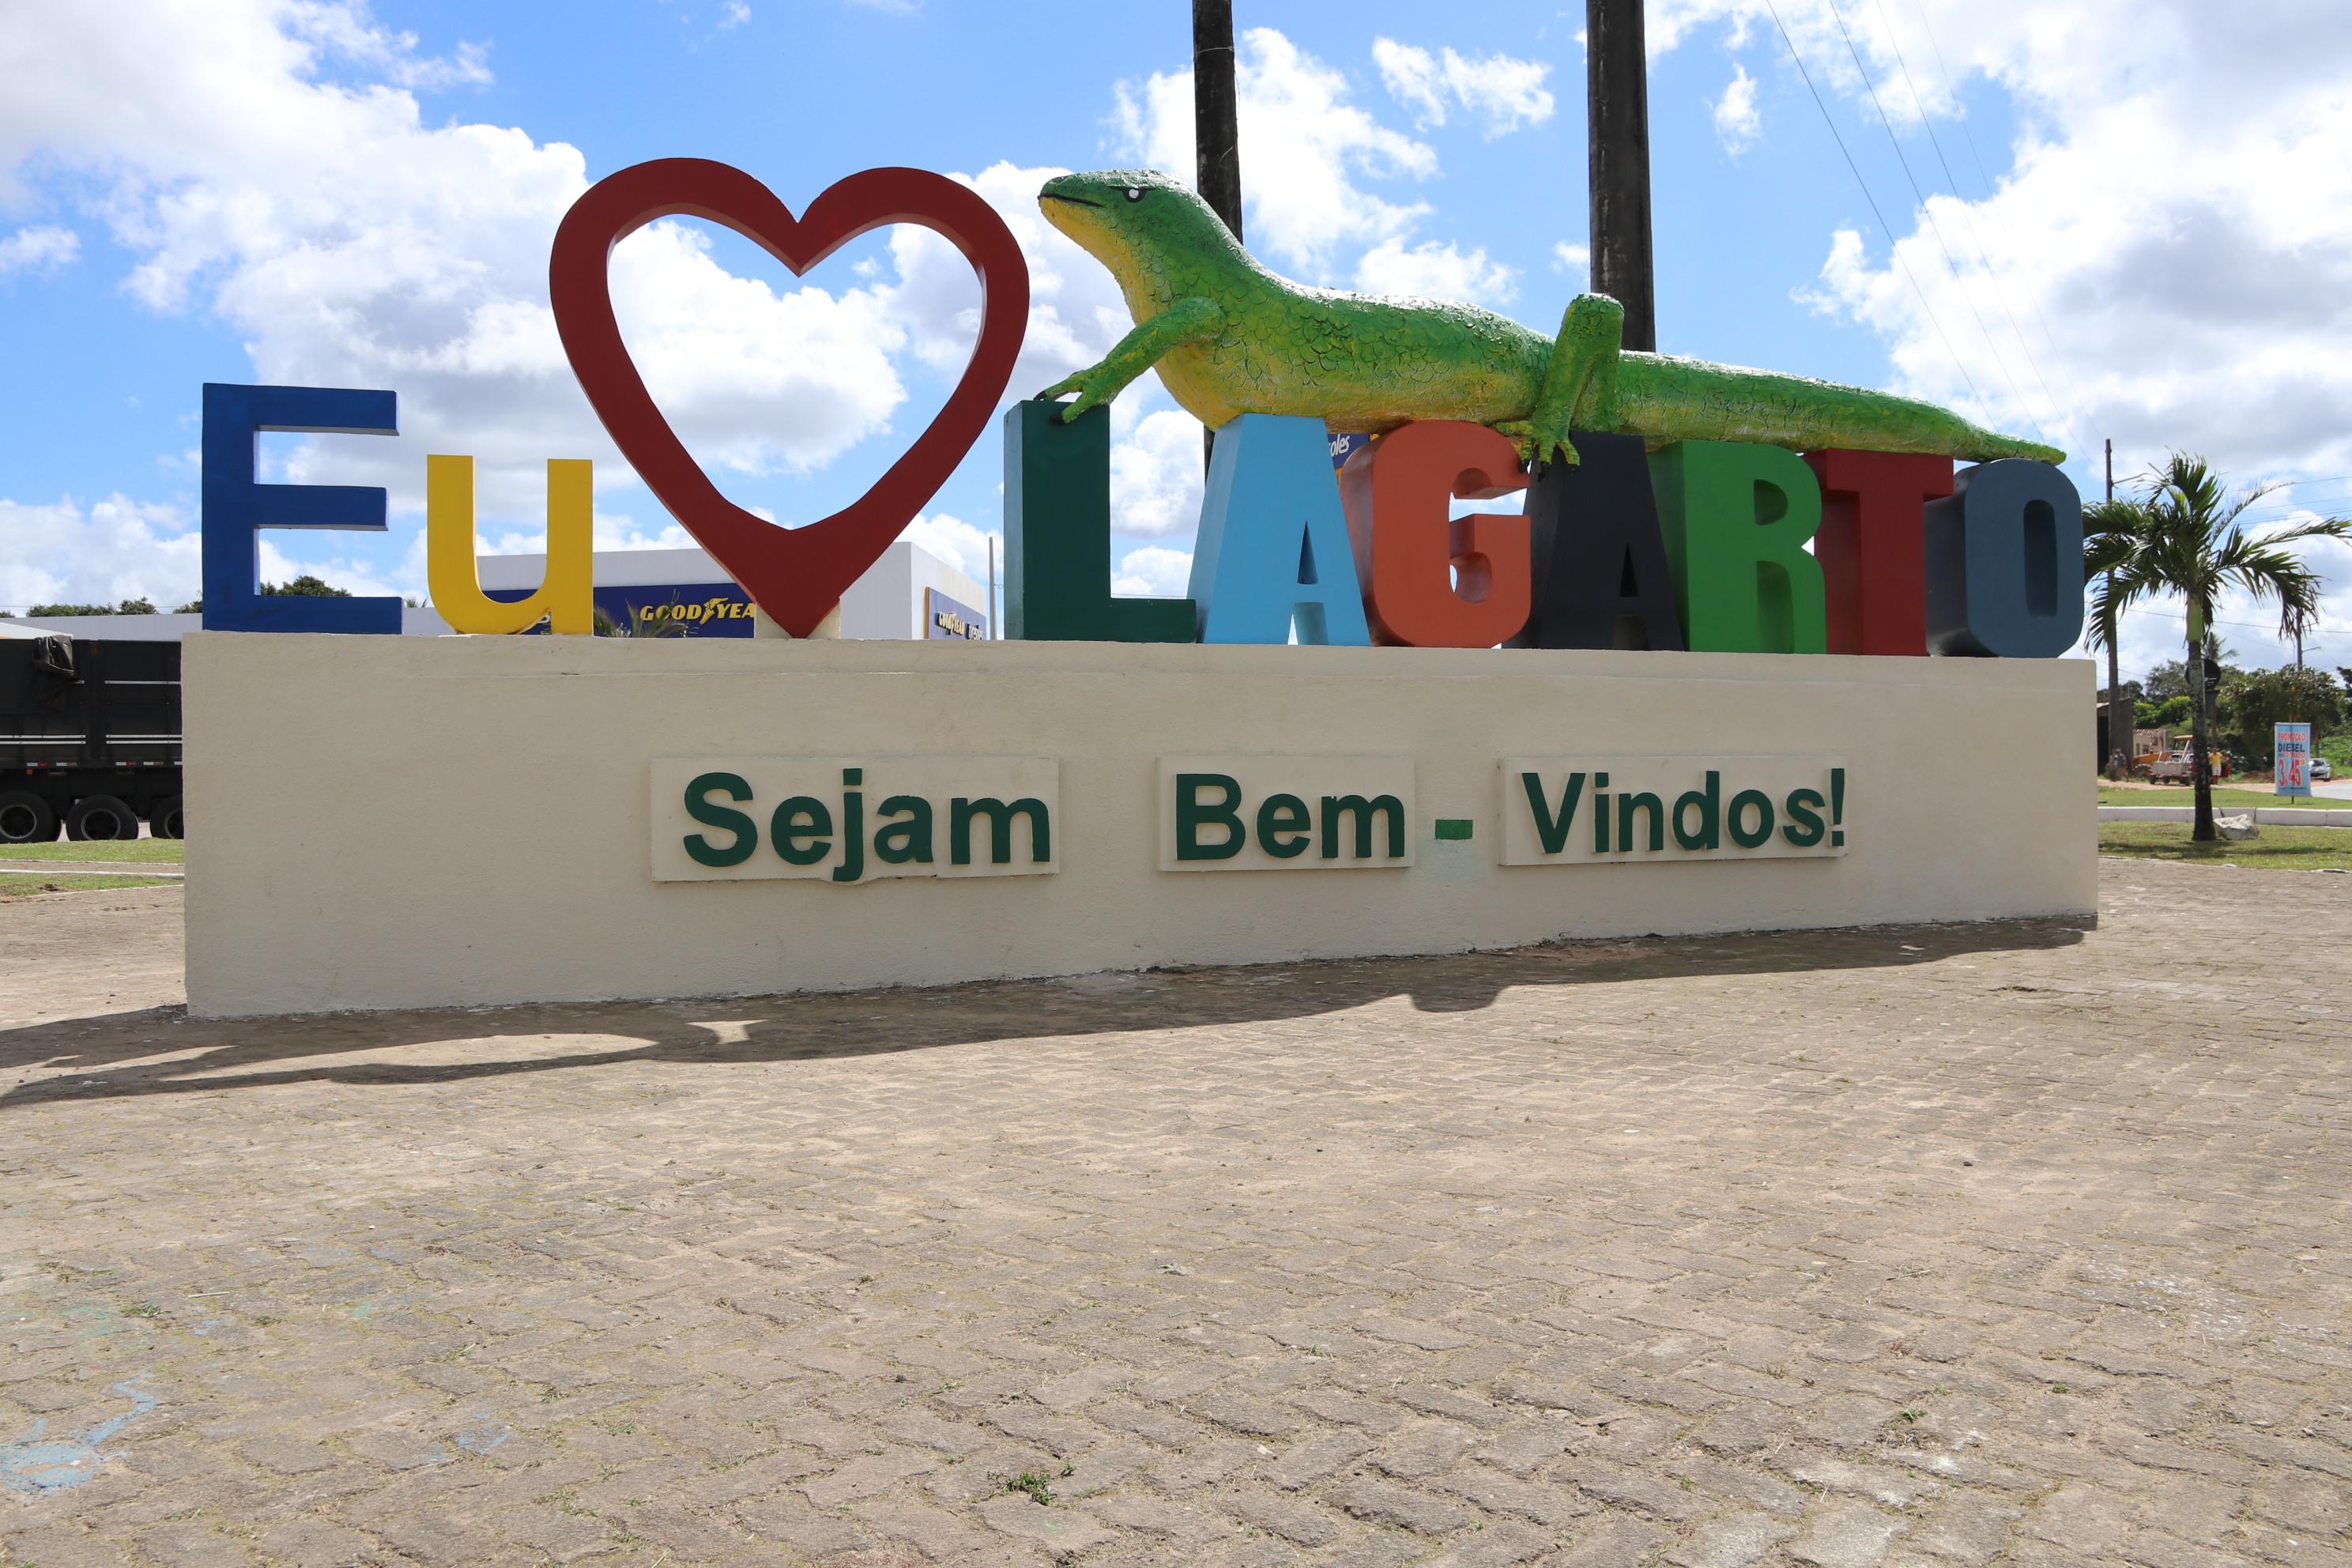 Fonte: jlpolitica.com.br